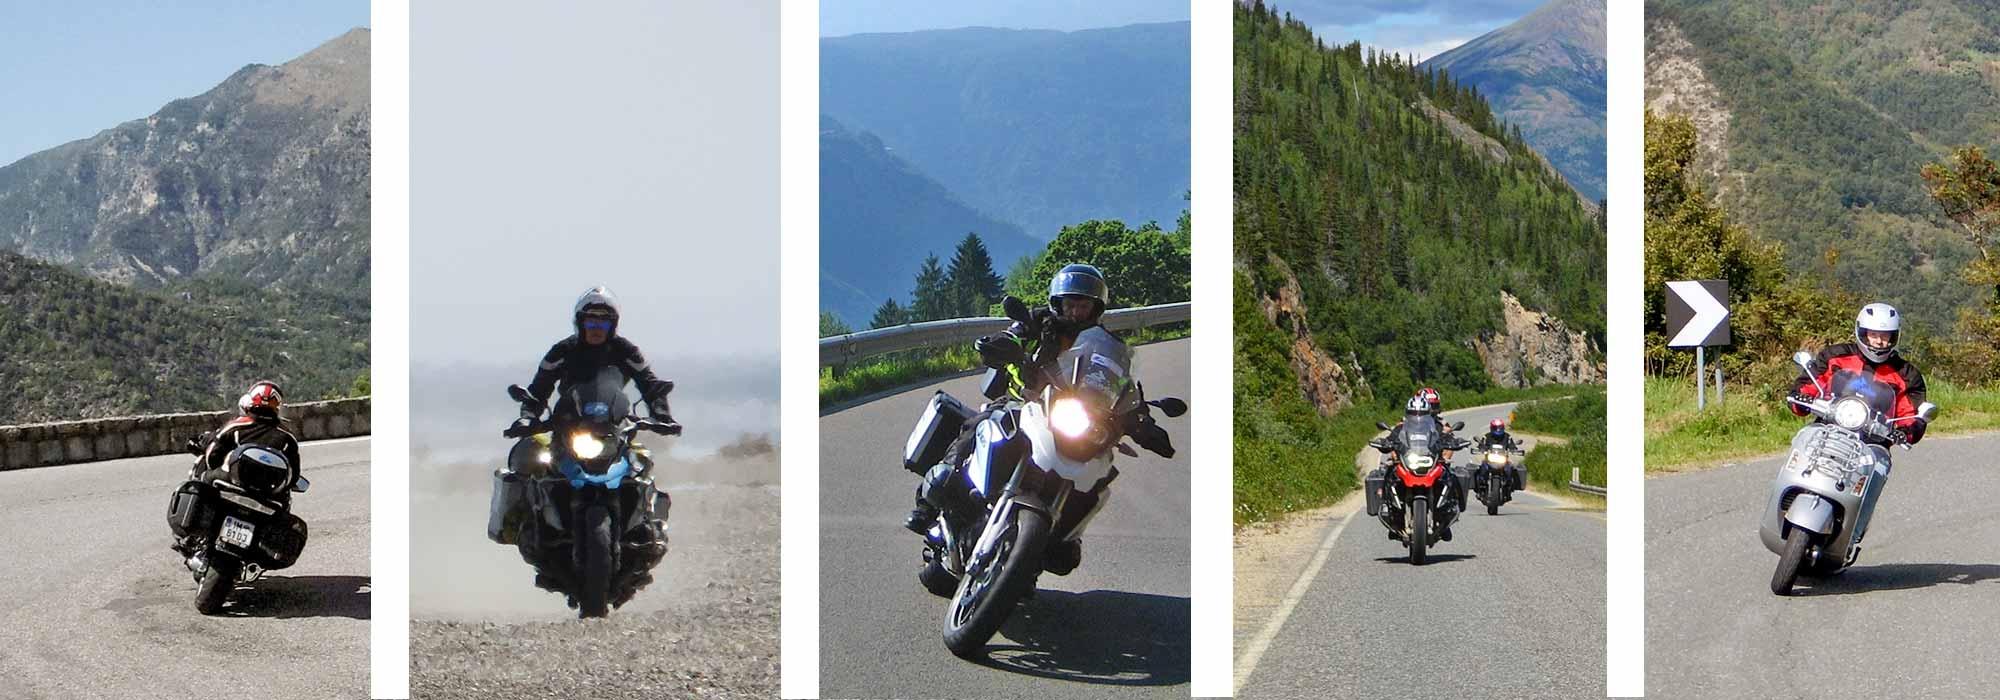 Edelweiss Bike Travel Jobs